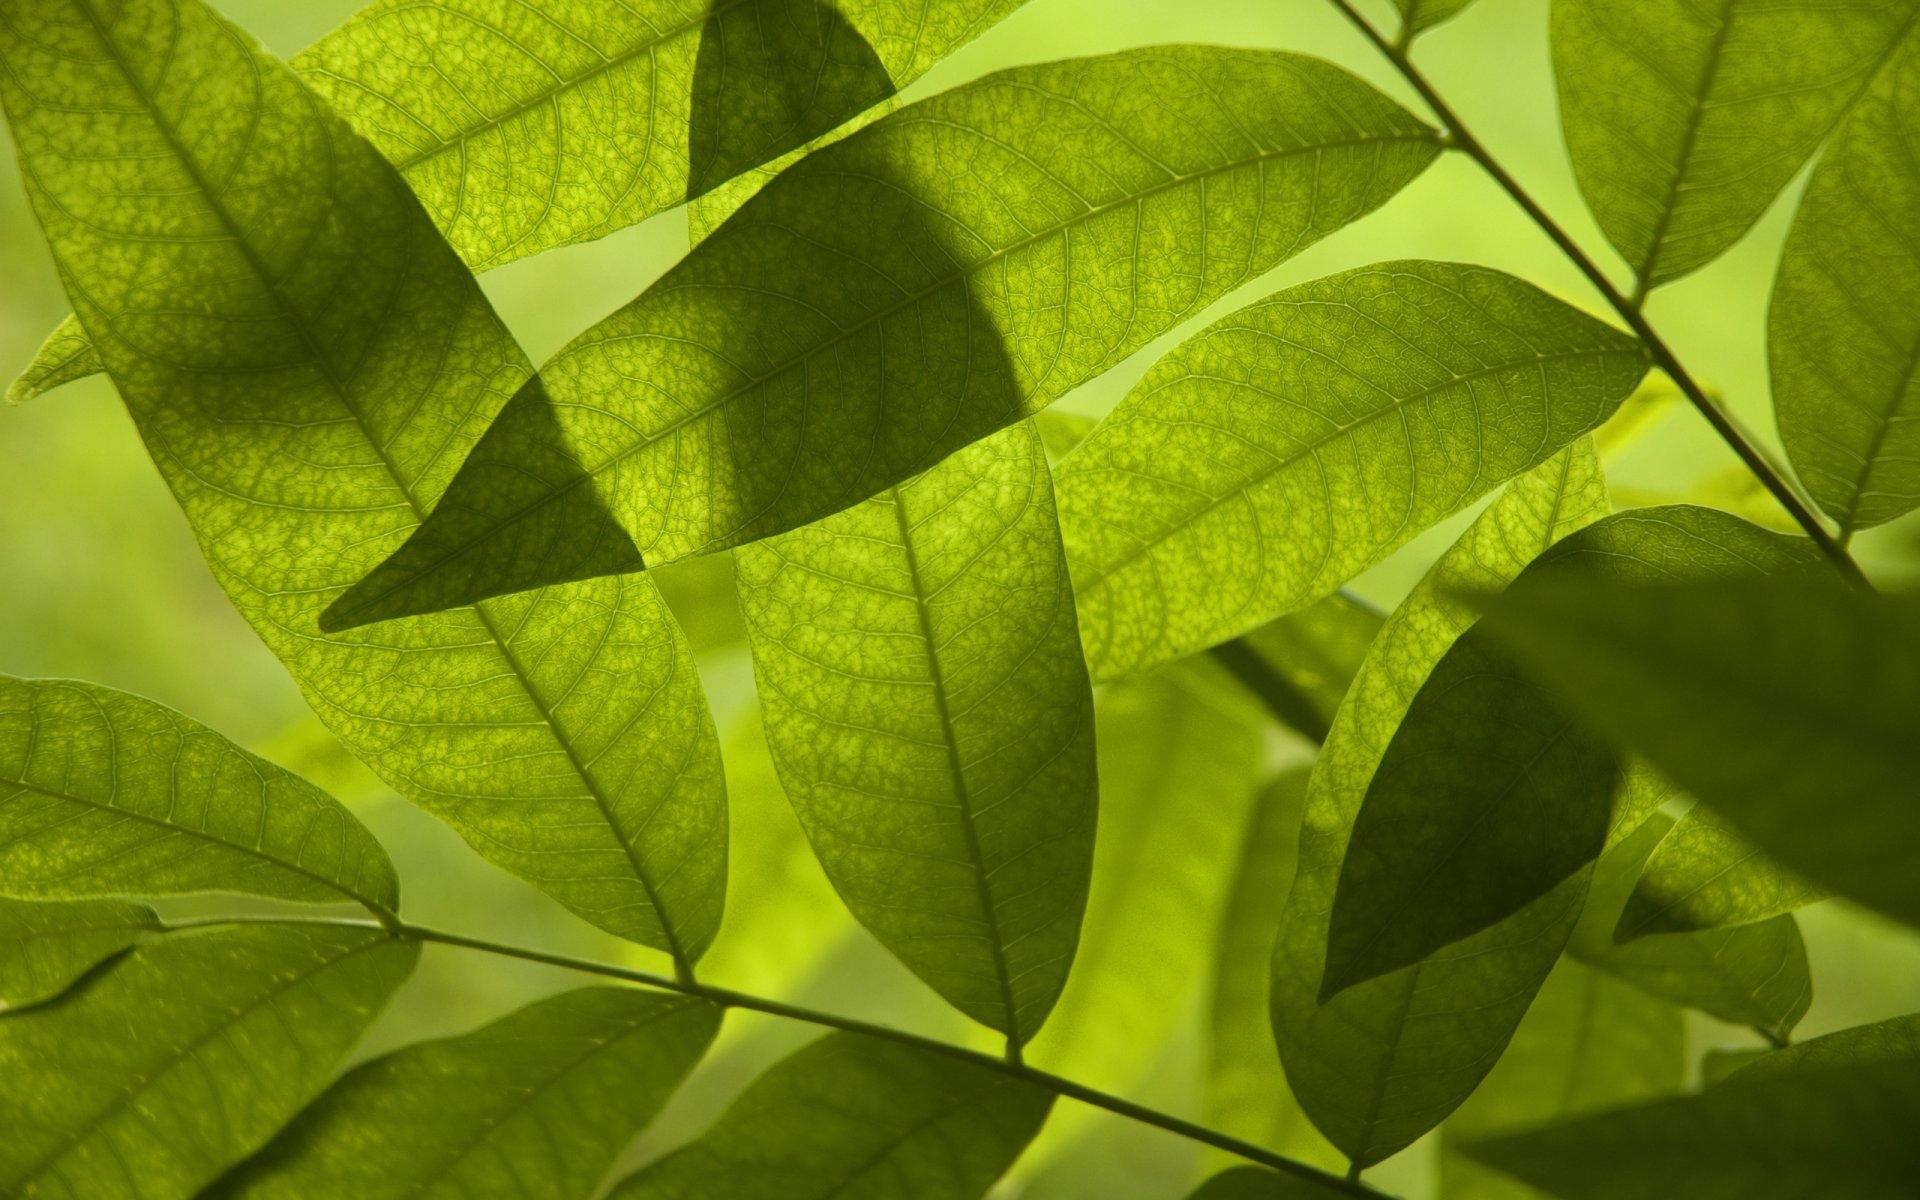 листья блеск leaves Shine загрузить